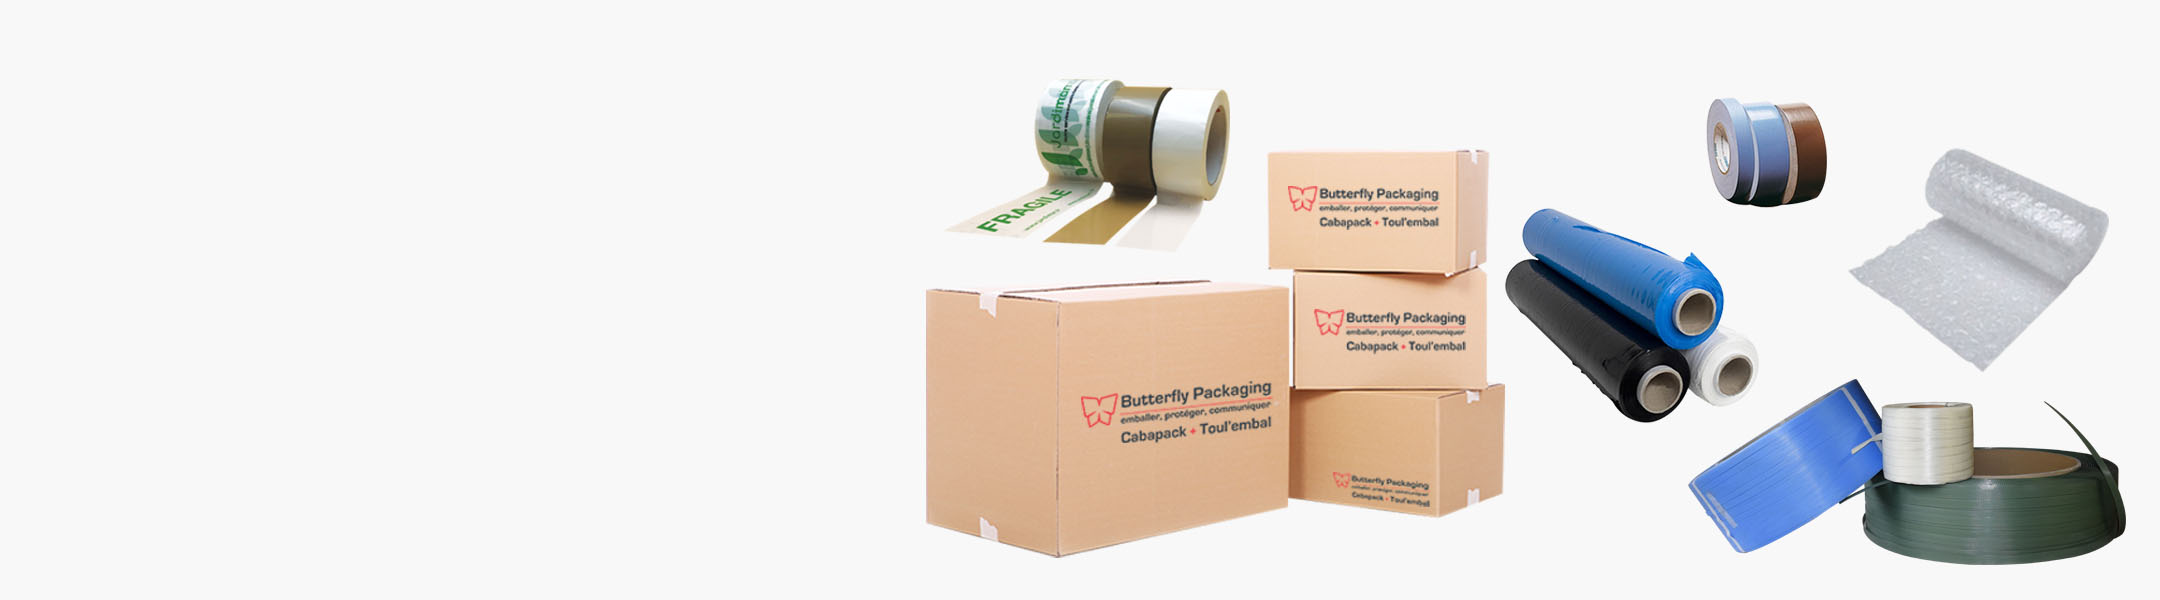 emballage et logistique